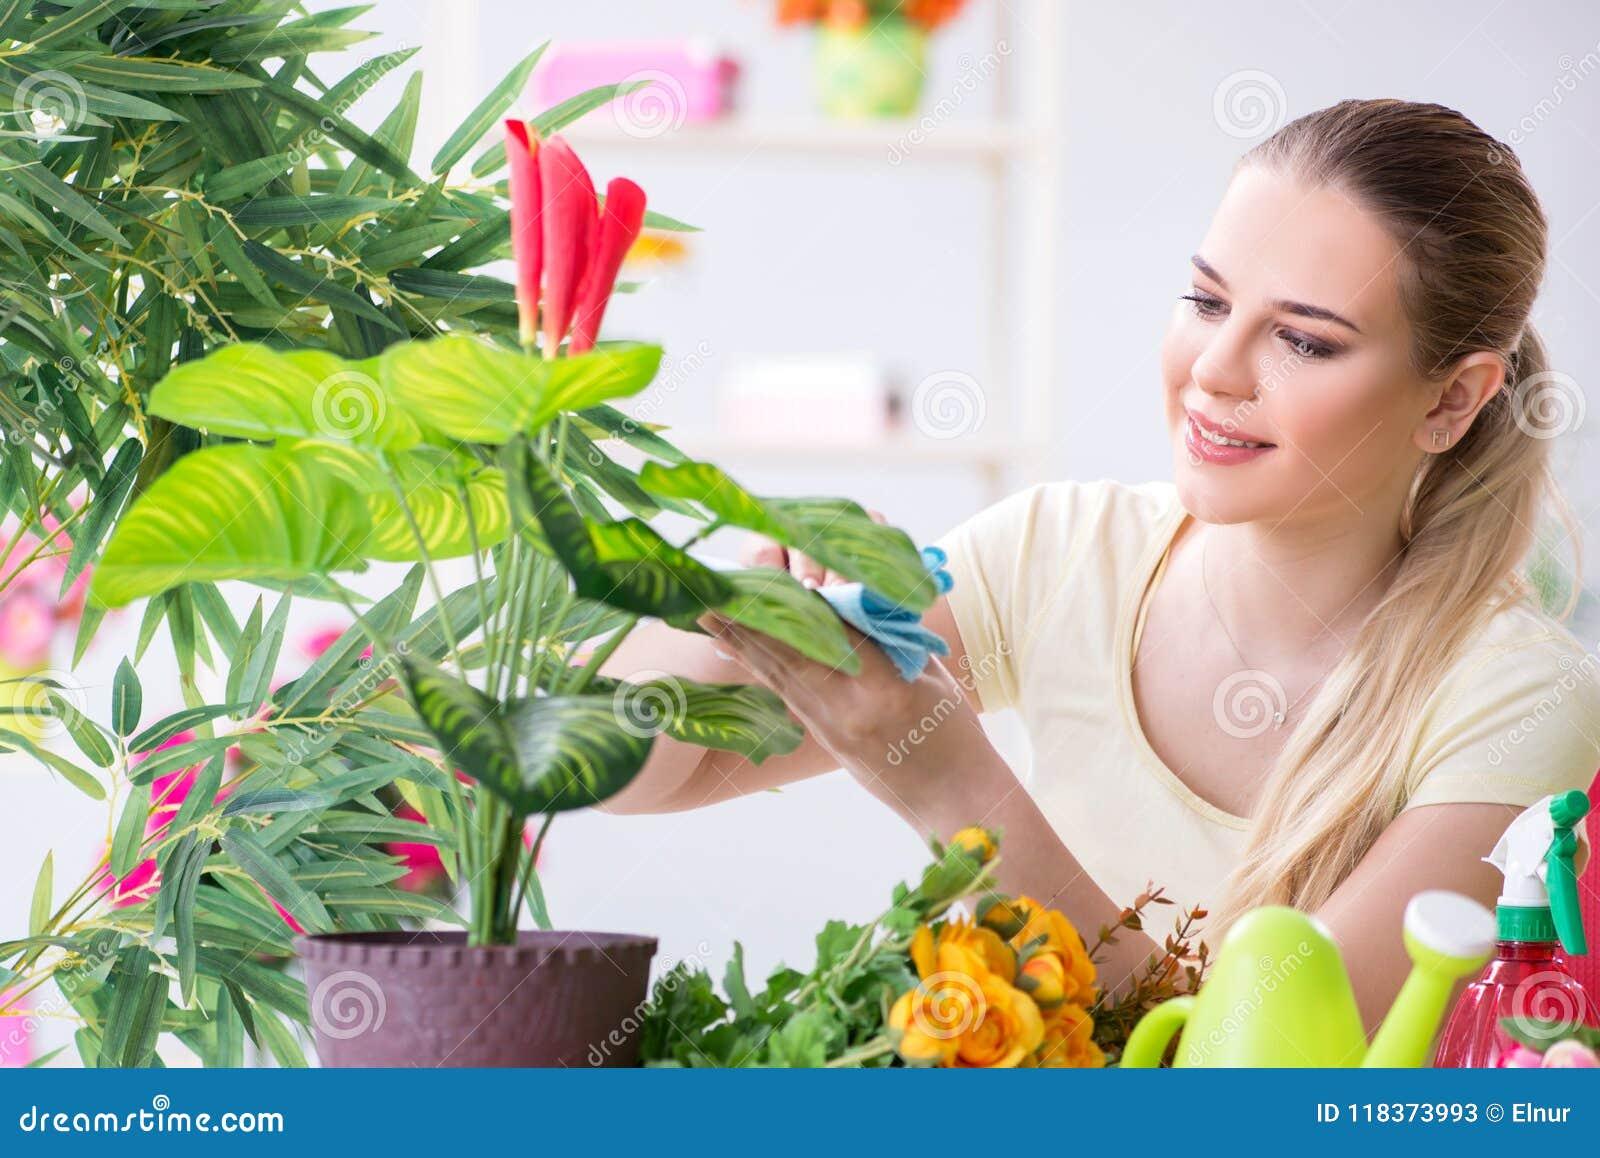 Die Bewässerungsanlagen der jungen Frau in ihrem Garten